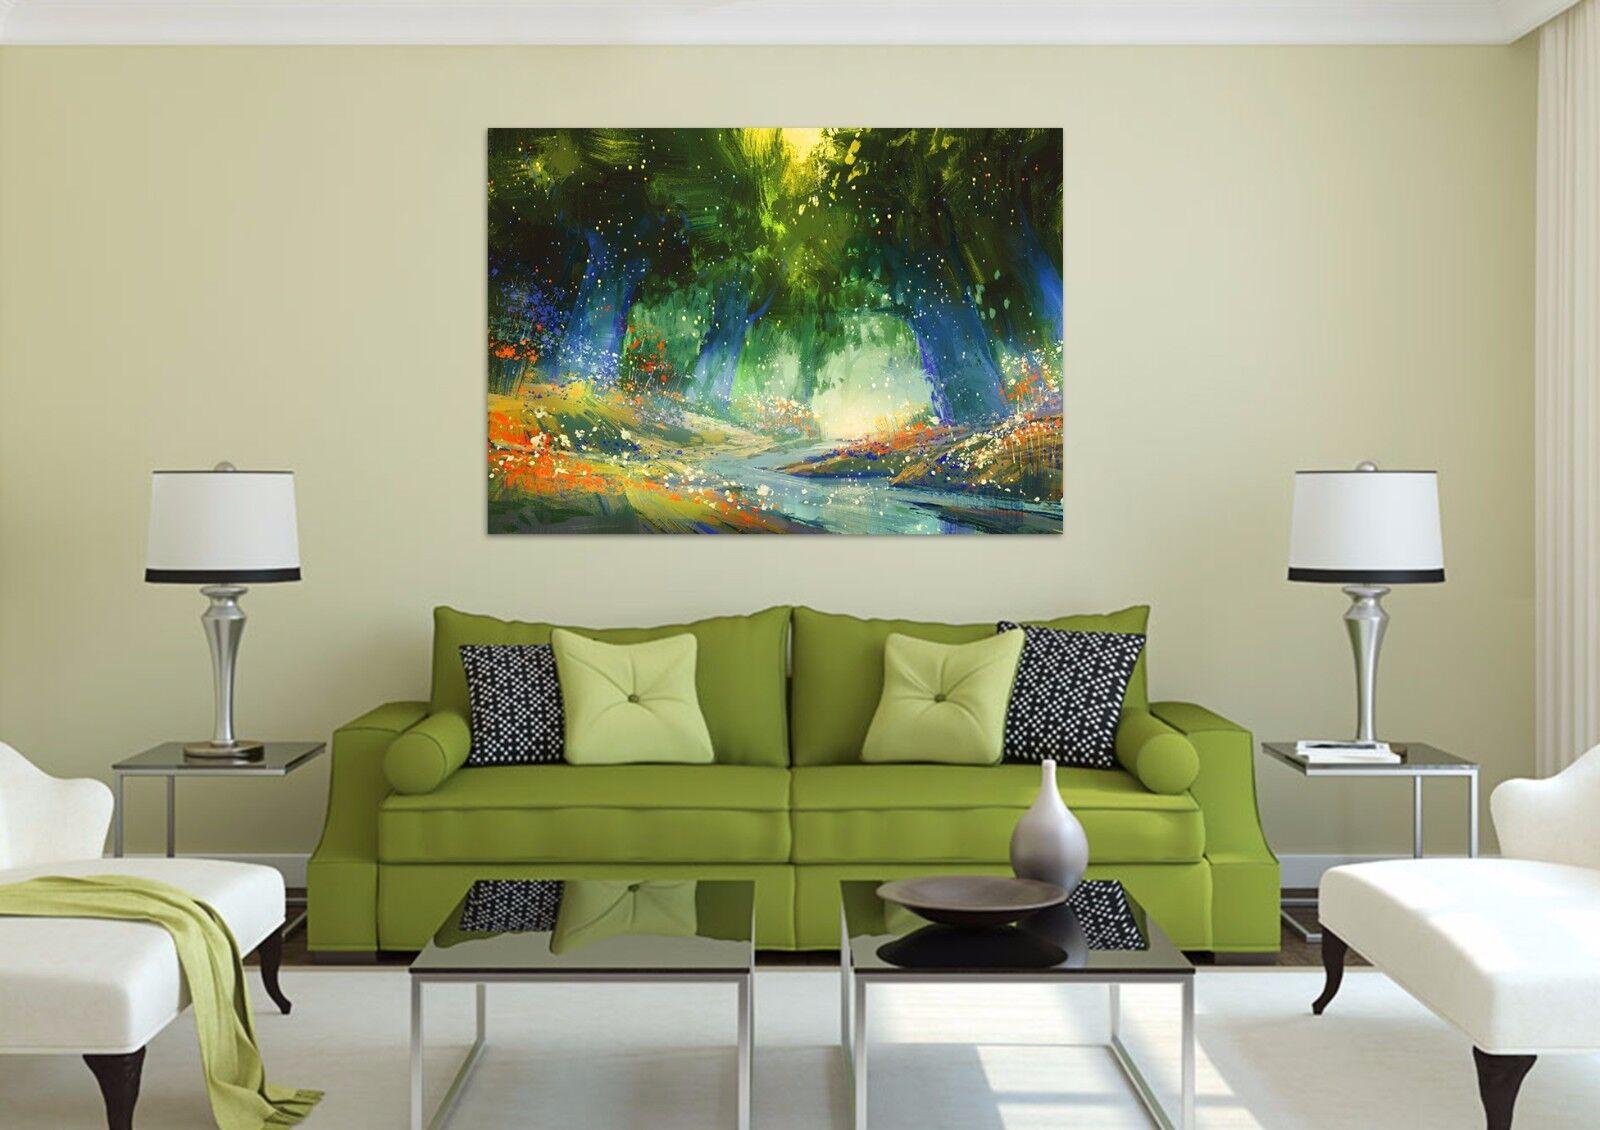 3D Firefly Wald Fluss  Bild 8445 Fototapeten Wandbild BildTapete AJSTORE DE Lemo